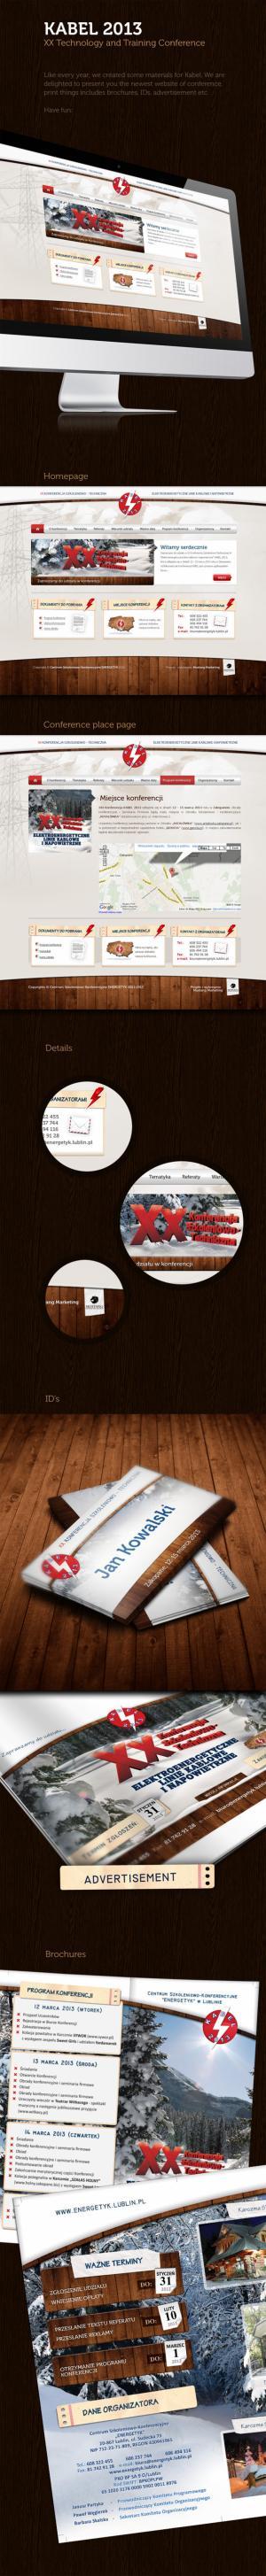 Projekt strony www dla Kabel 2013 - Warszawa